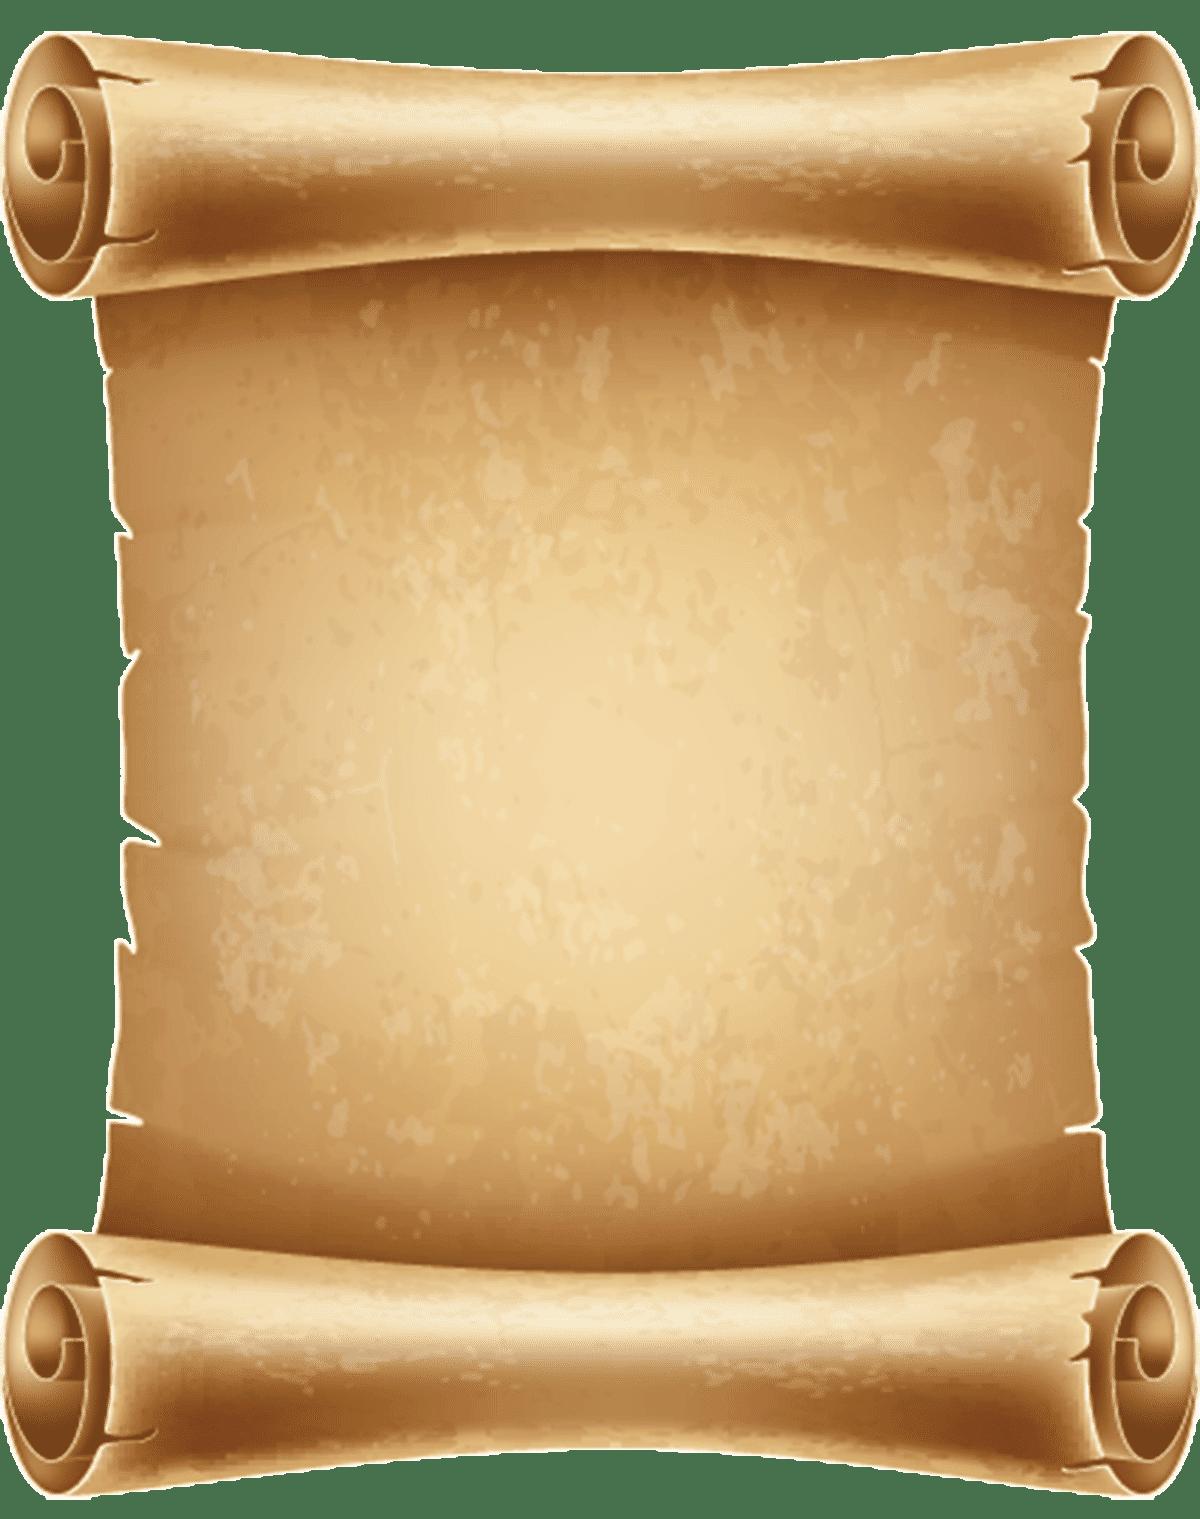 King-Sealer-scroll-paper-background